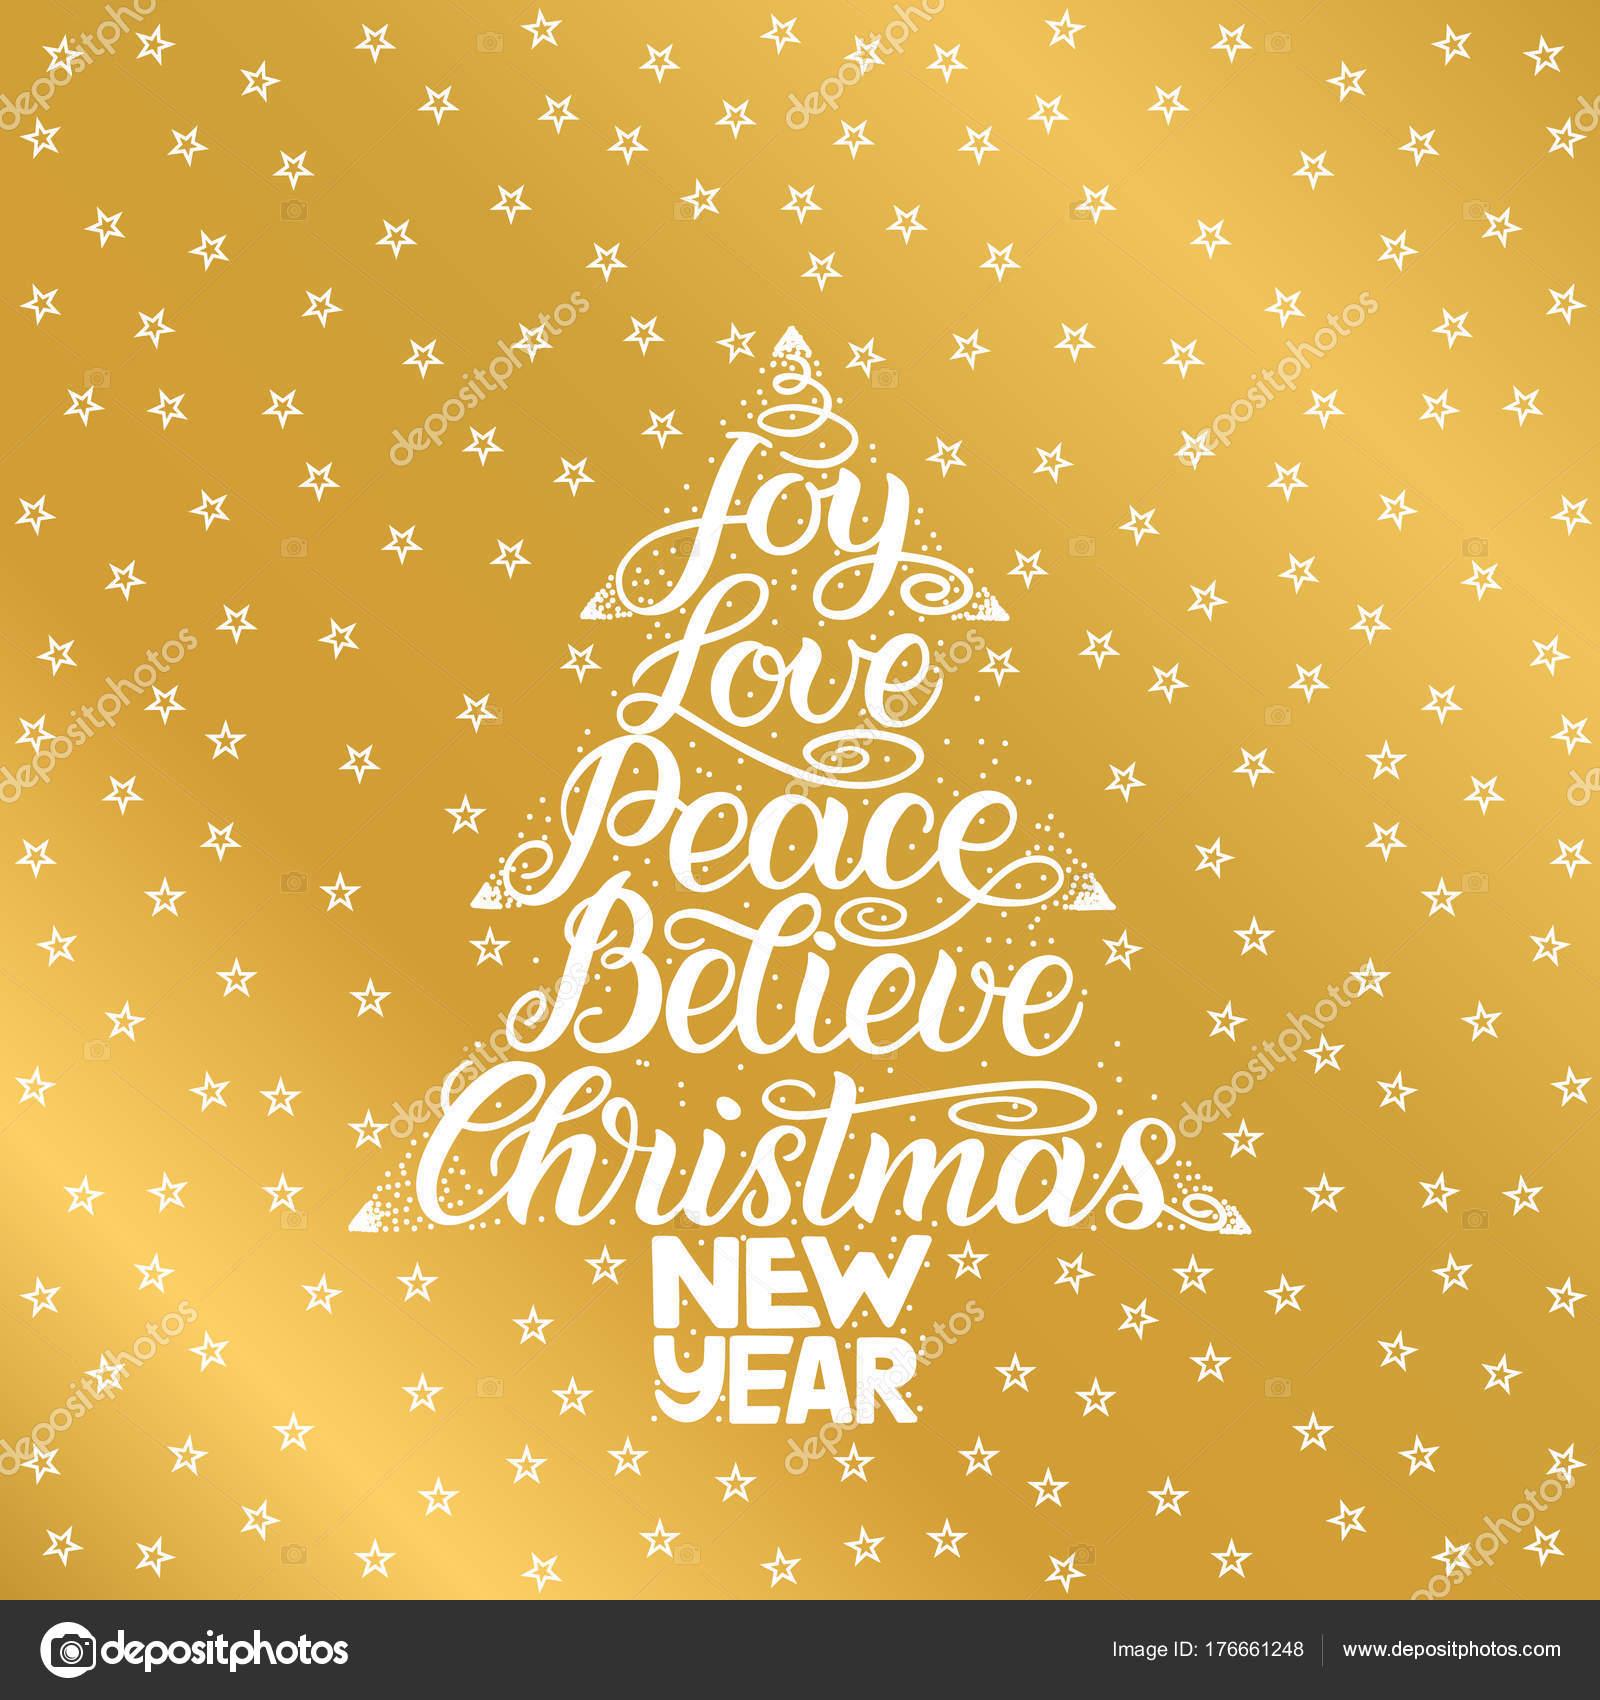 Freude, Liebe, Frieden, glauben, Weihnachten, Neujahr. Handschrift ...